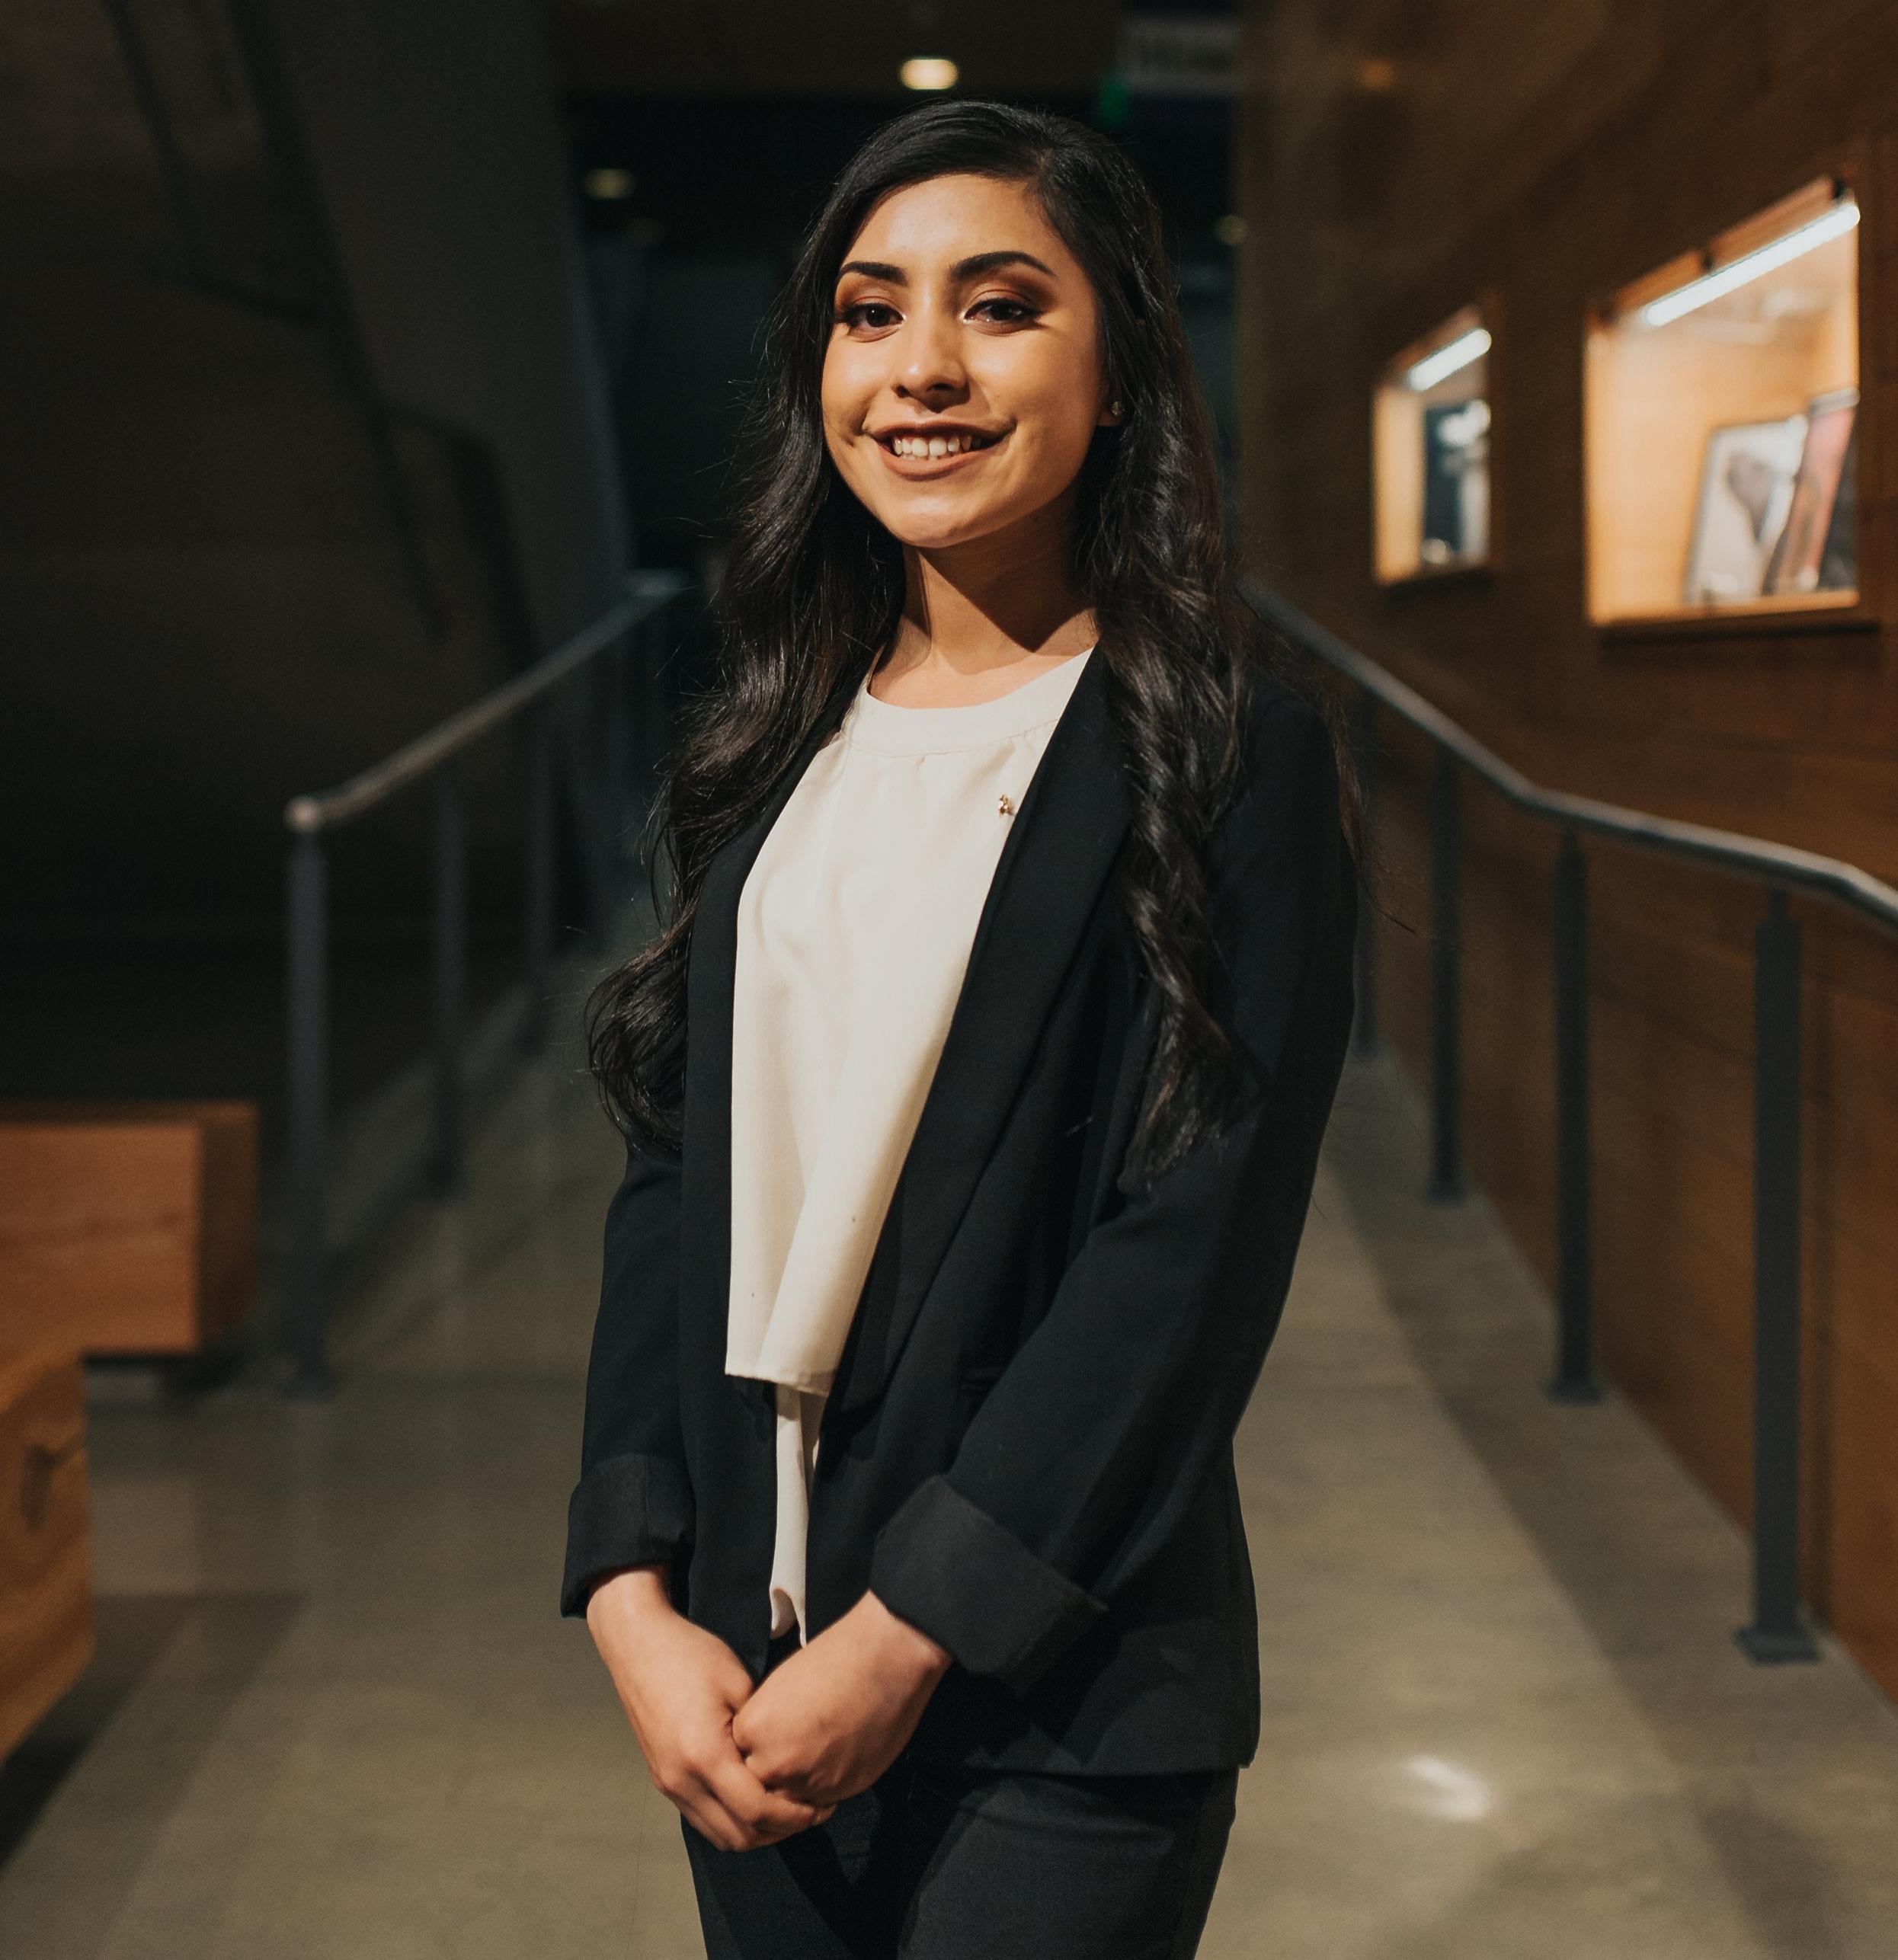 Jasmine Velasquez